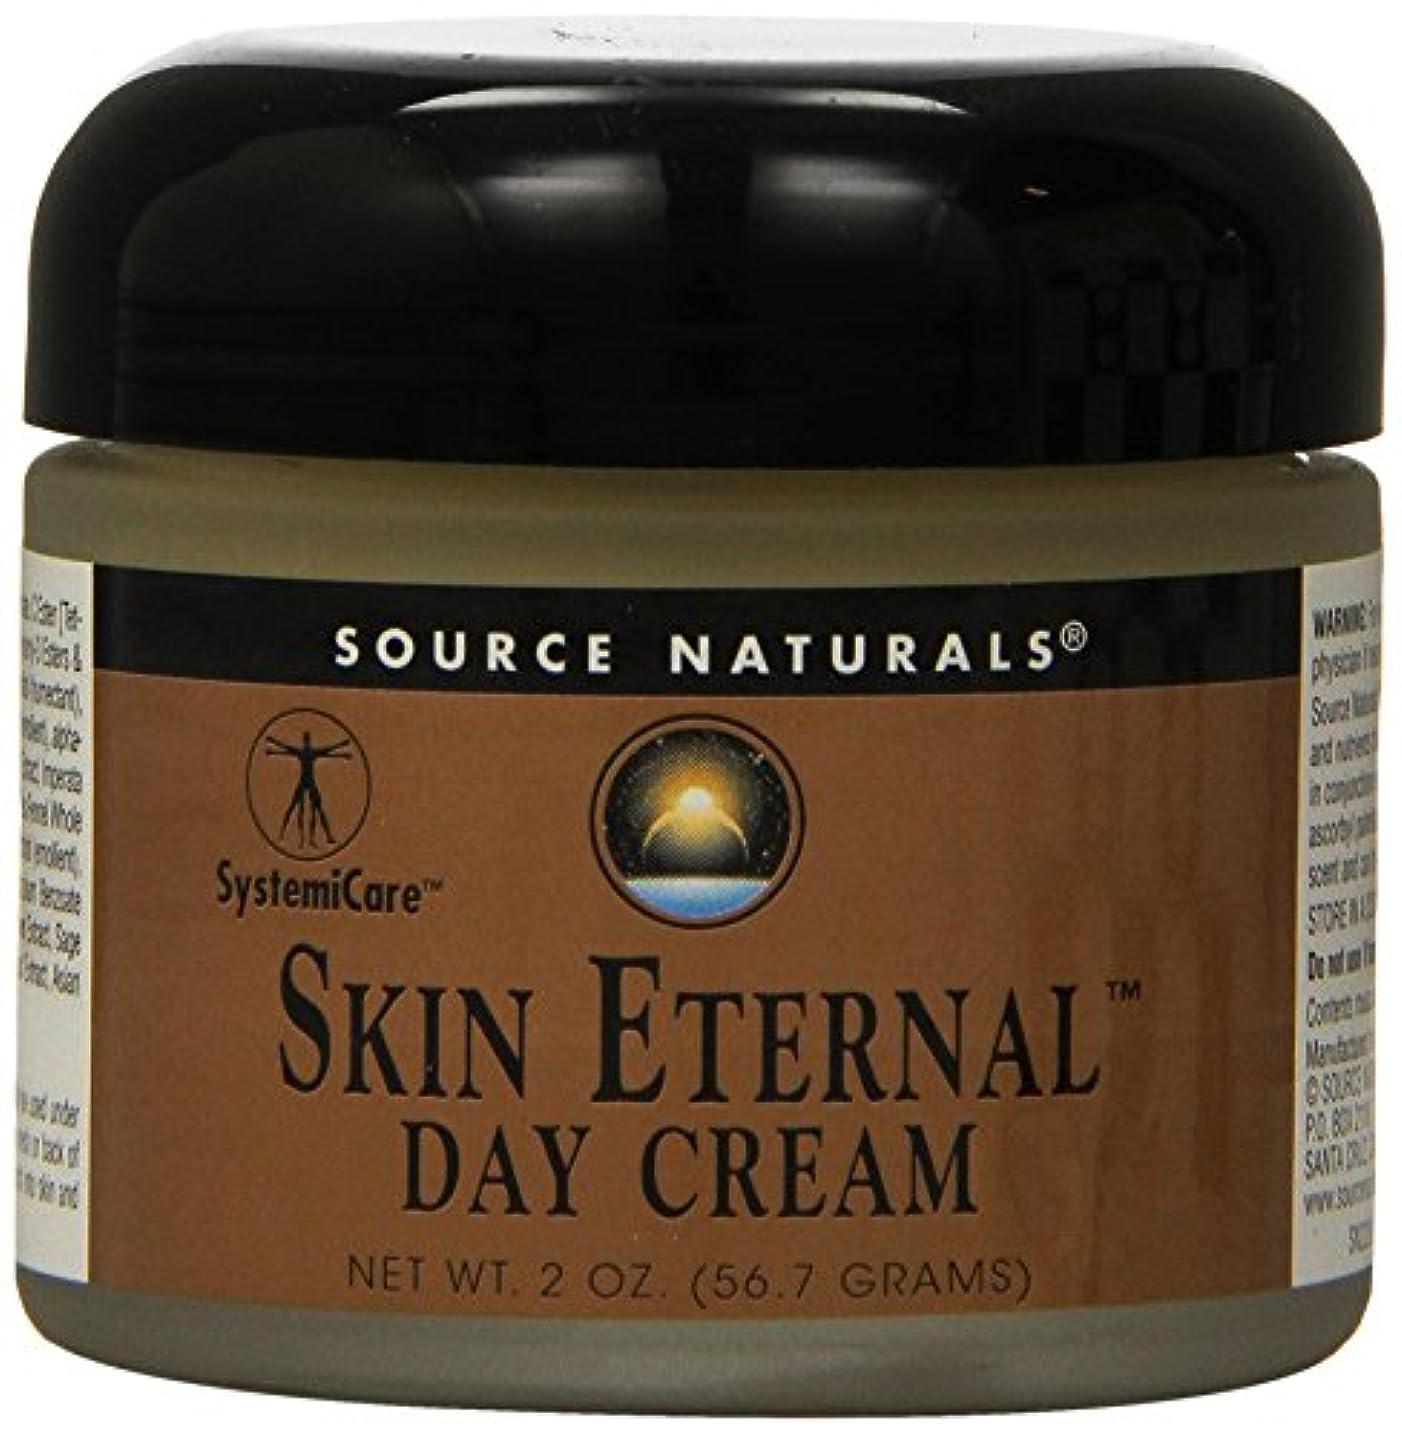 ページイソギンチャクデモンストレーション海外直送品 Source Naturals Skin Eternal Day Cream, 2 OZ